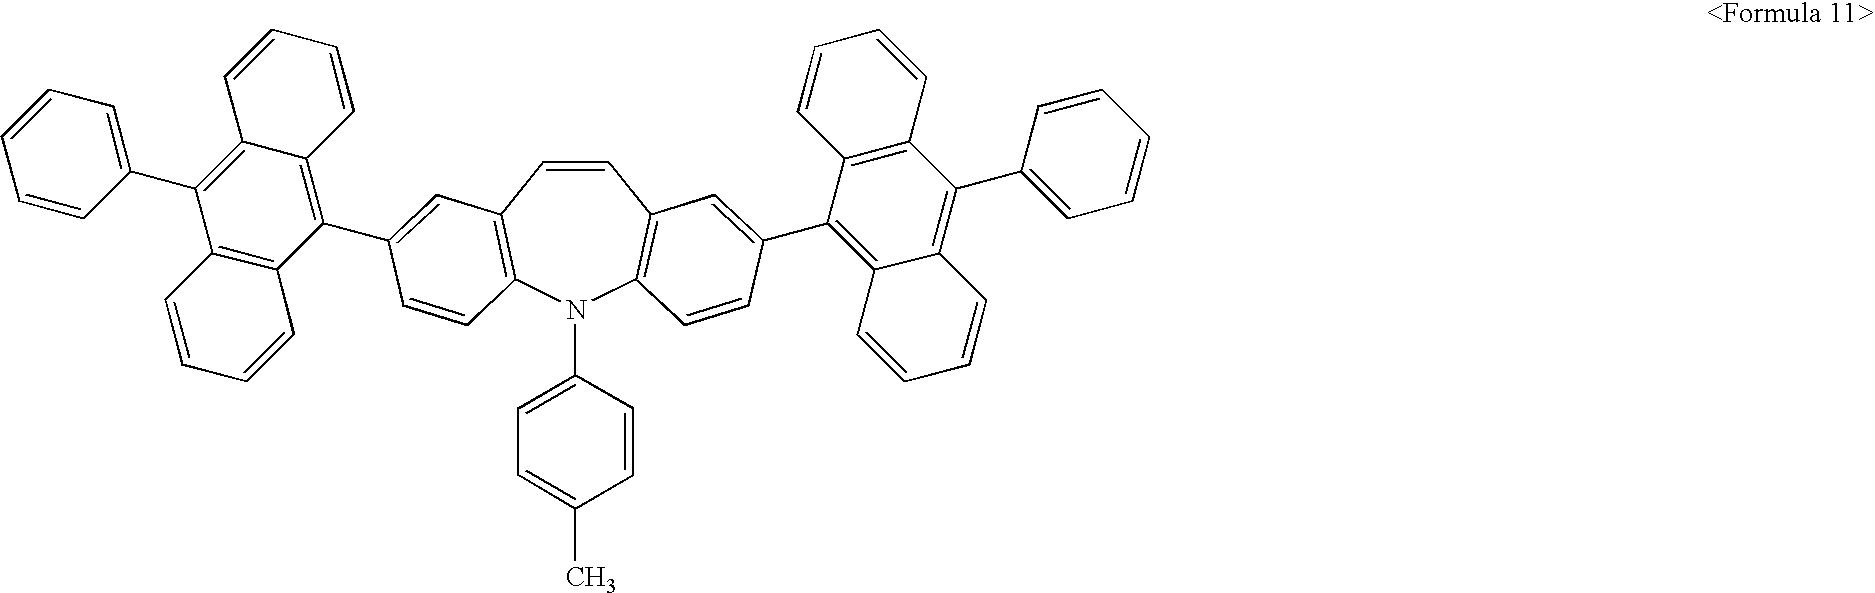 Figure US20080122346A1-20080529-C00012